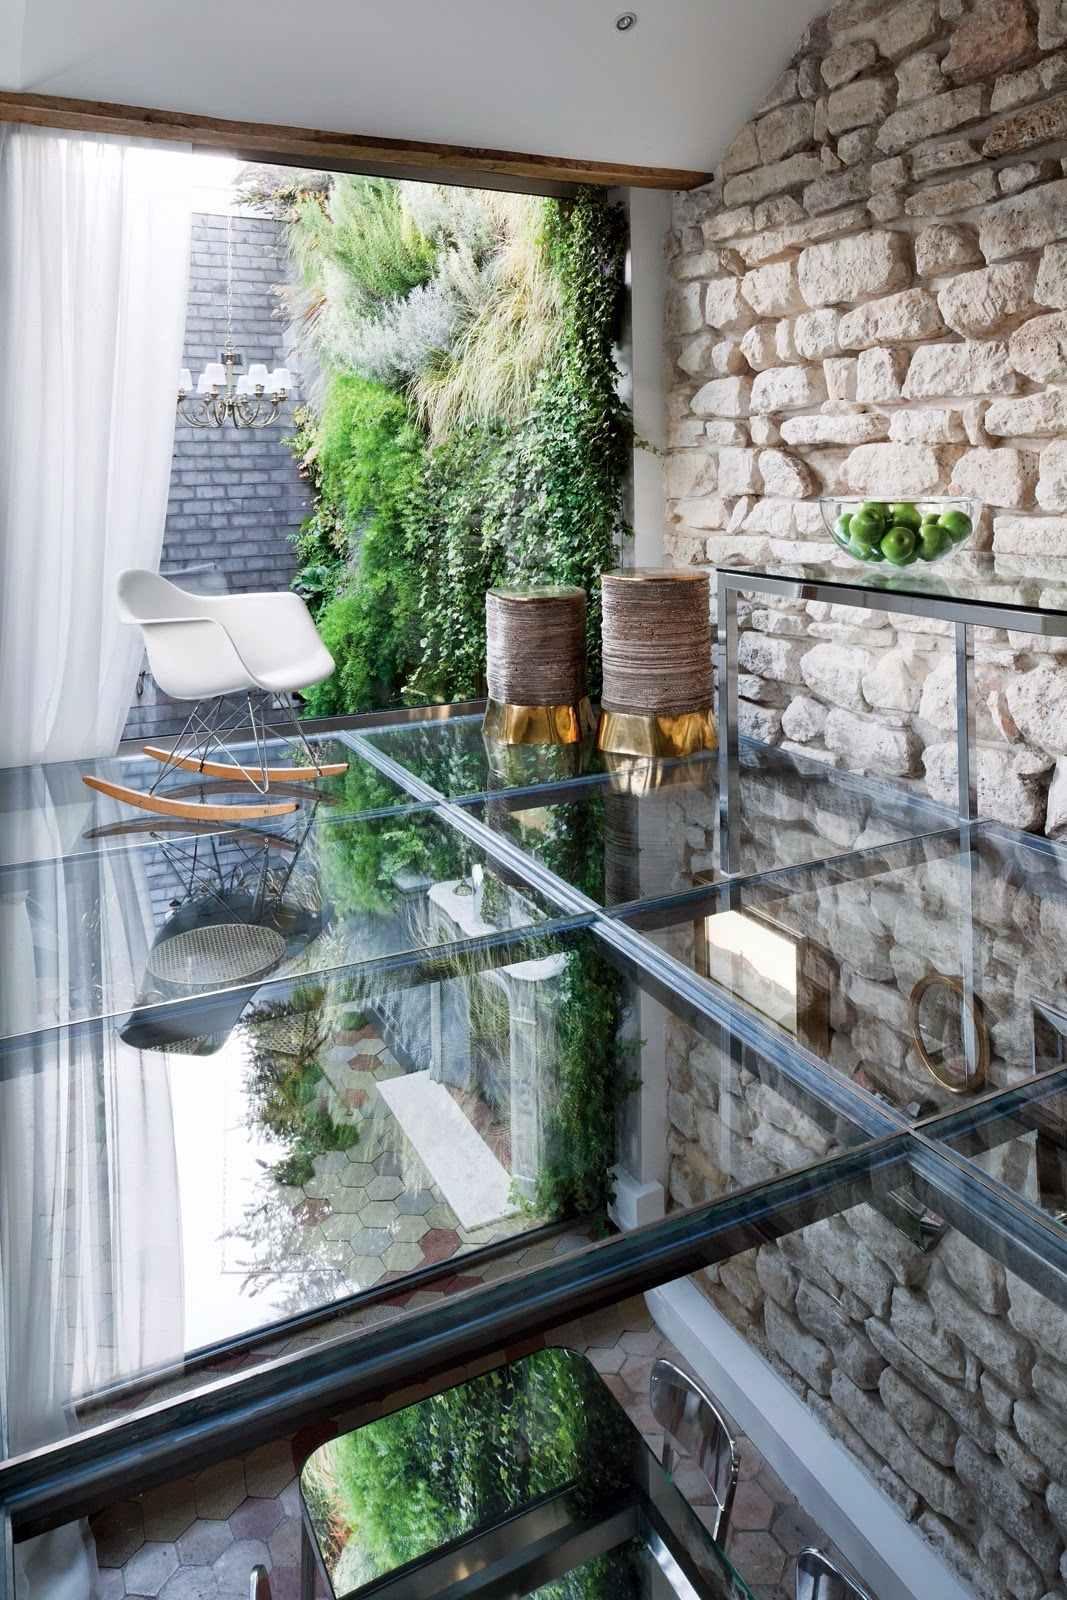 Cobertura e piso feito com o mesmo materia